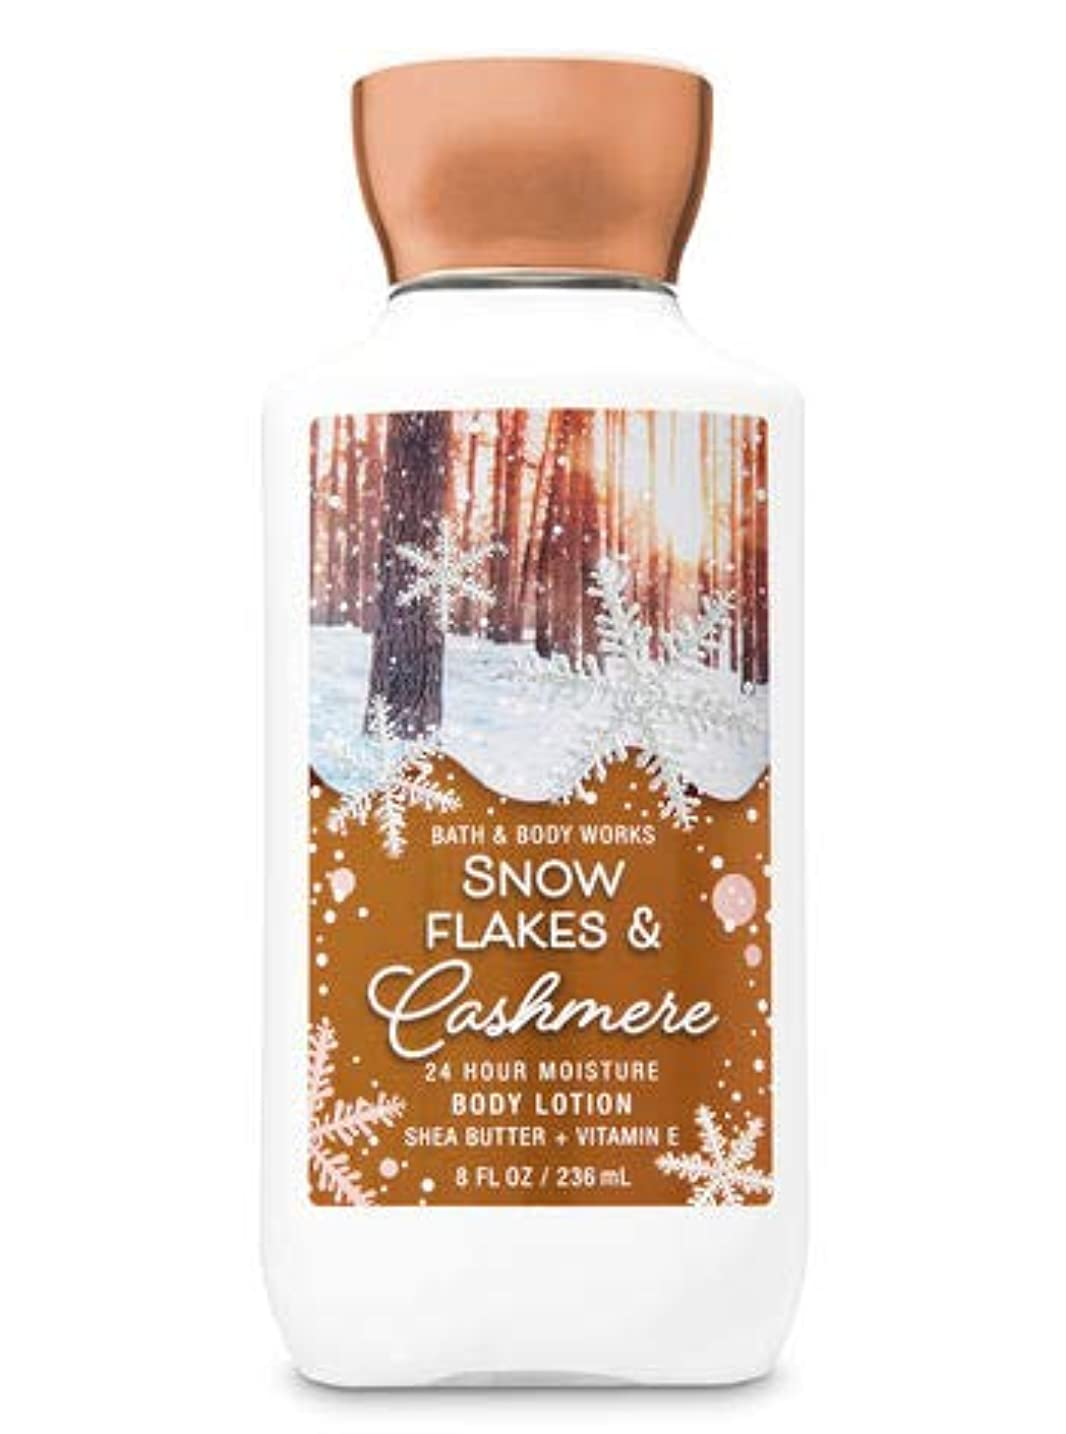 放課後ドレインウェブ【Bath&Body Works/バス&ボディワークス】 ボディローション スノーフレーク&カシミア Body Lotion Snowflakes & Cashmere 8 fl oz / 236 mL [並行輸入品]